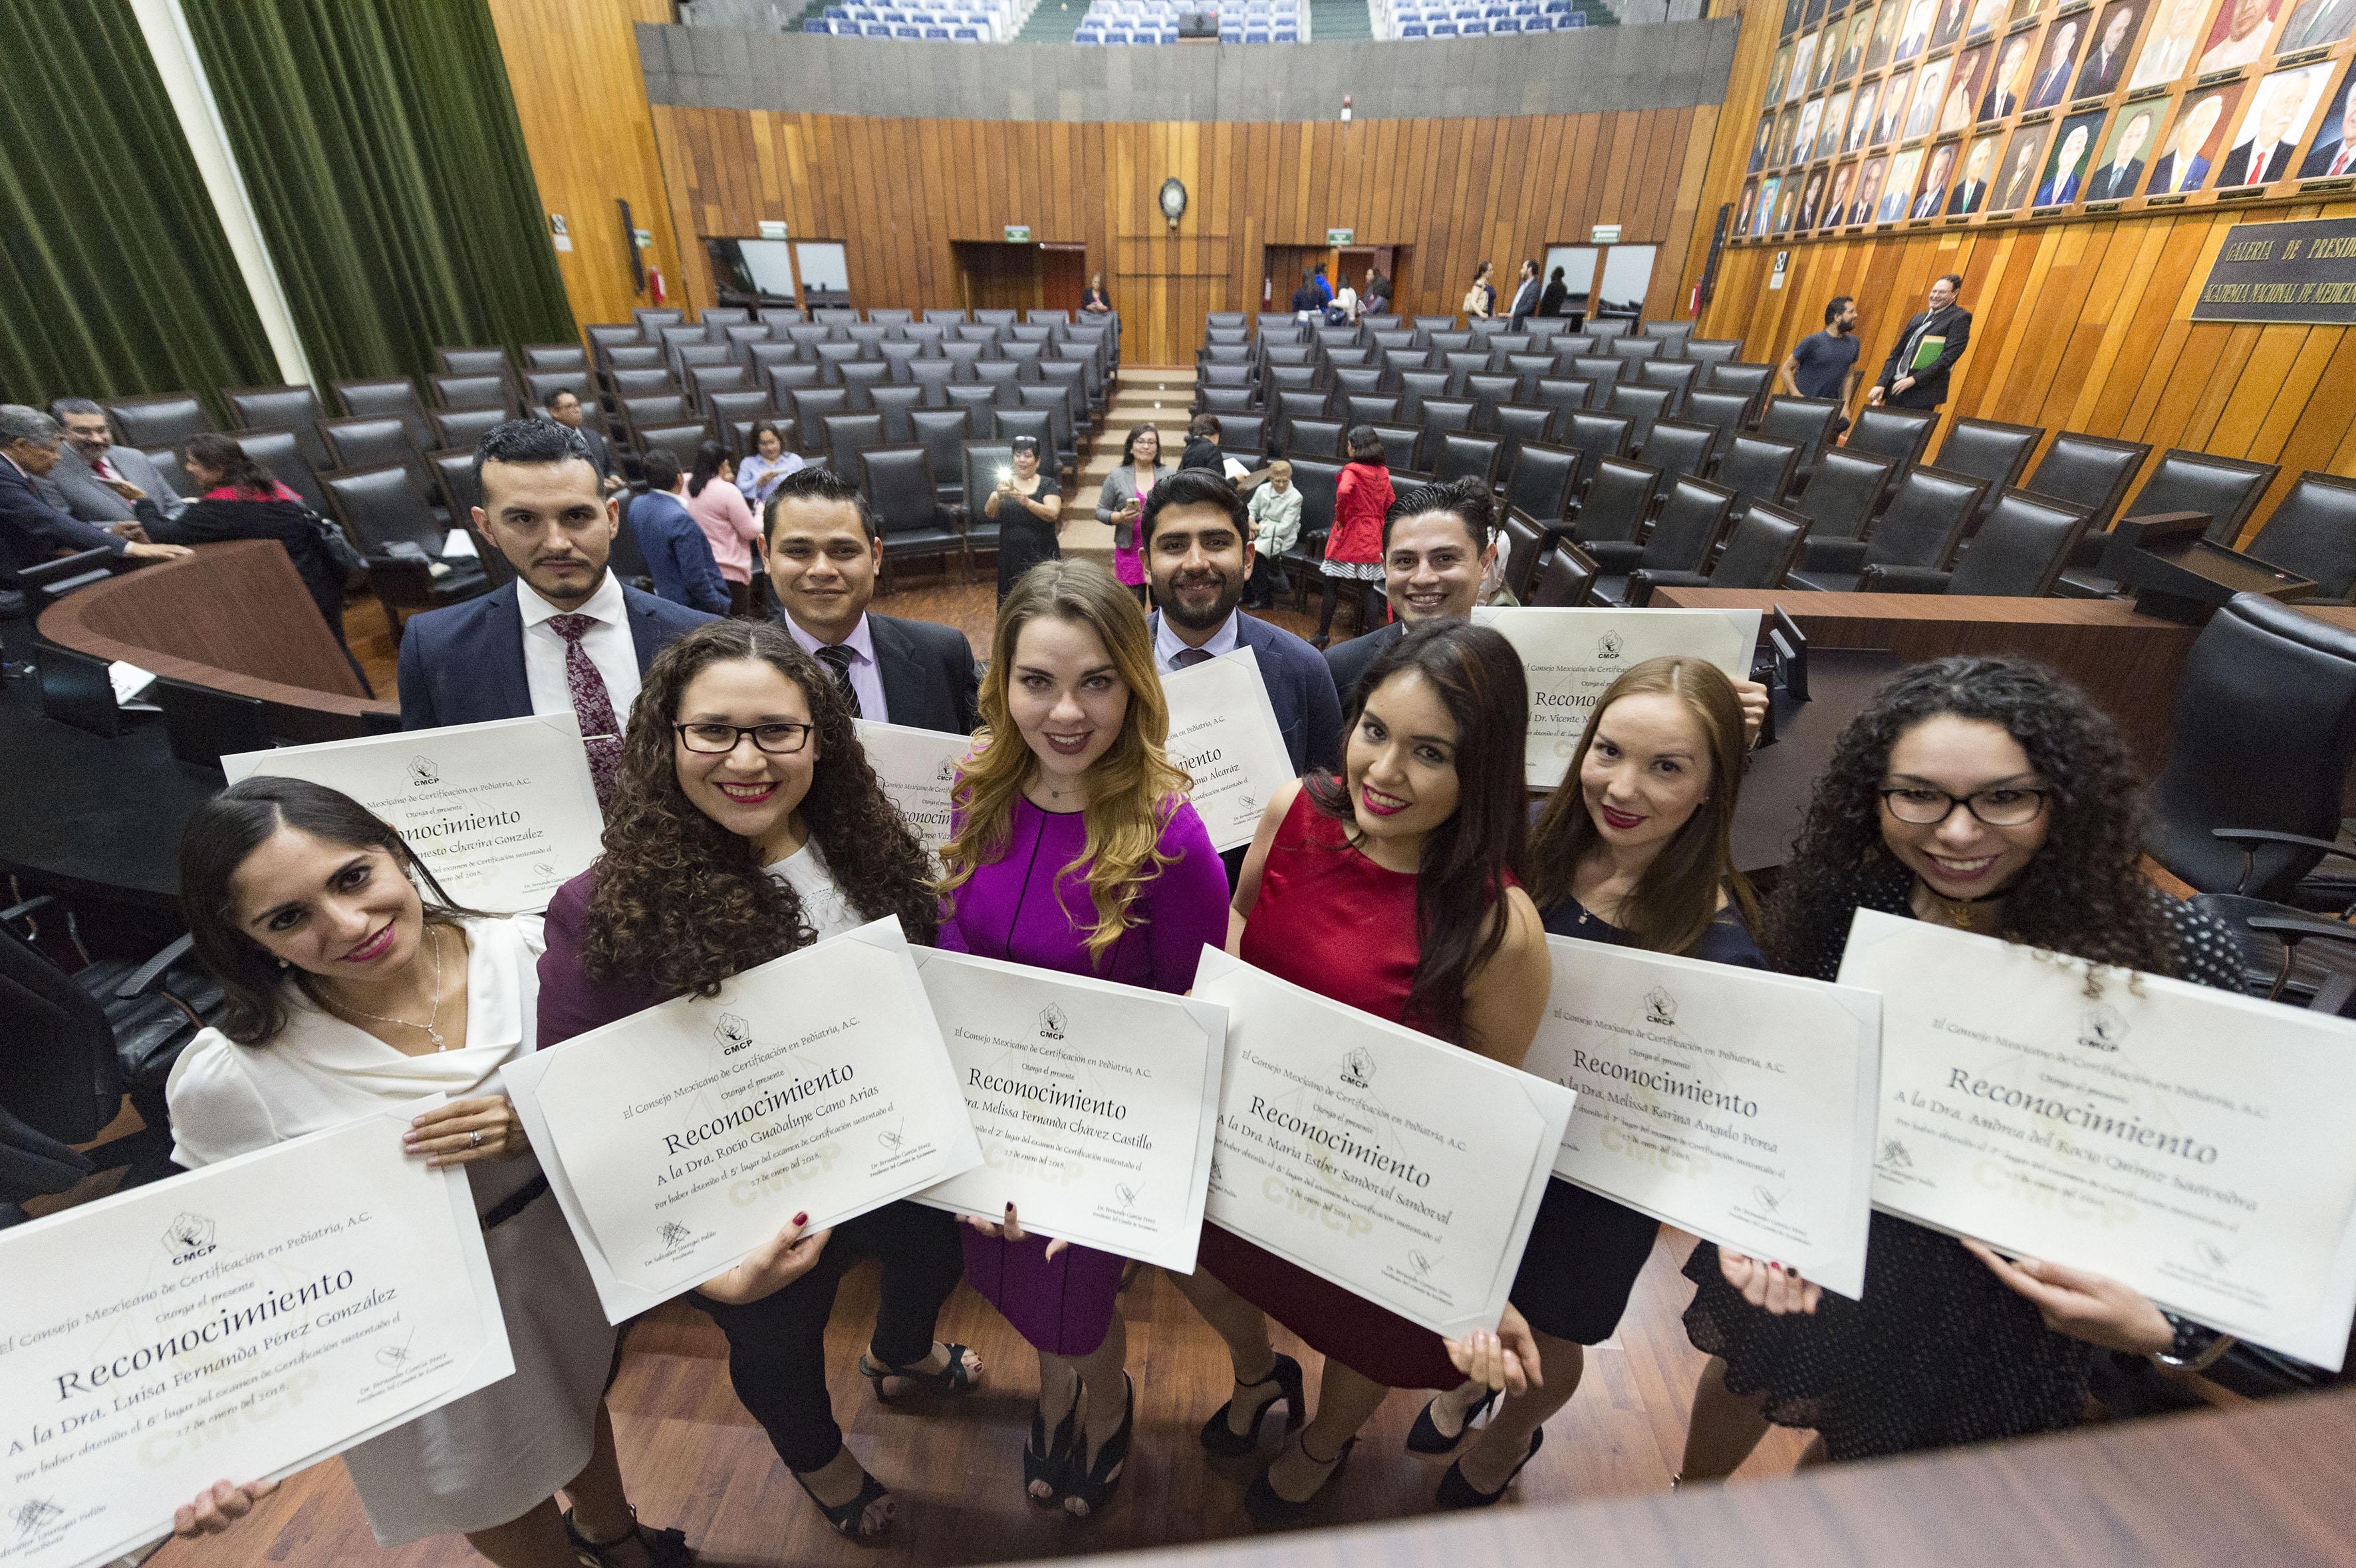 Grupo de 8 residentes de Pediatría del CUCS exhibiendo su reconocimiento